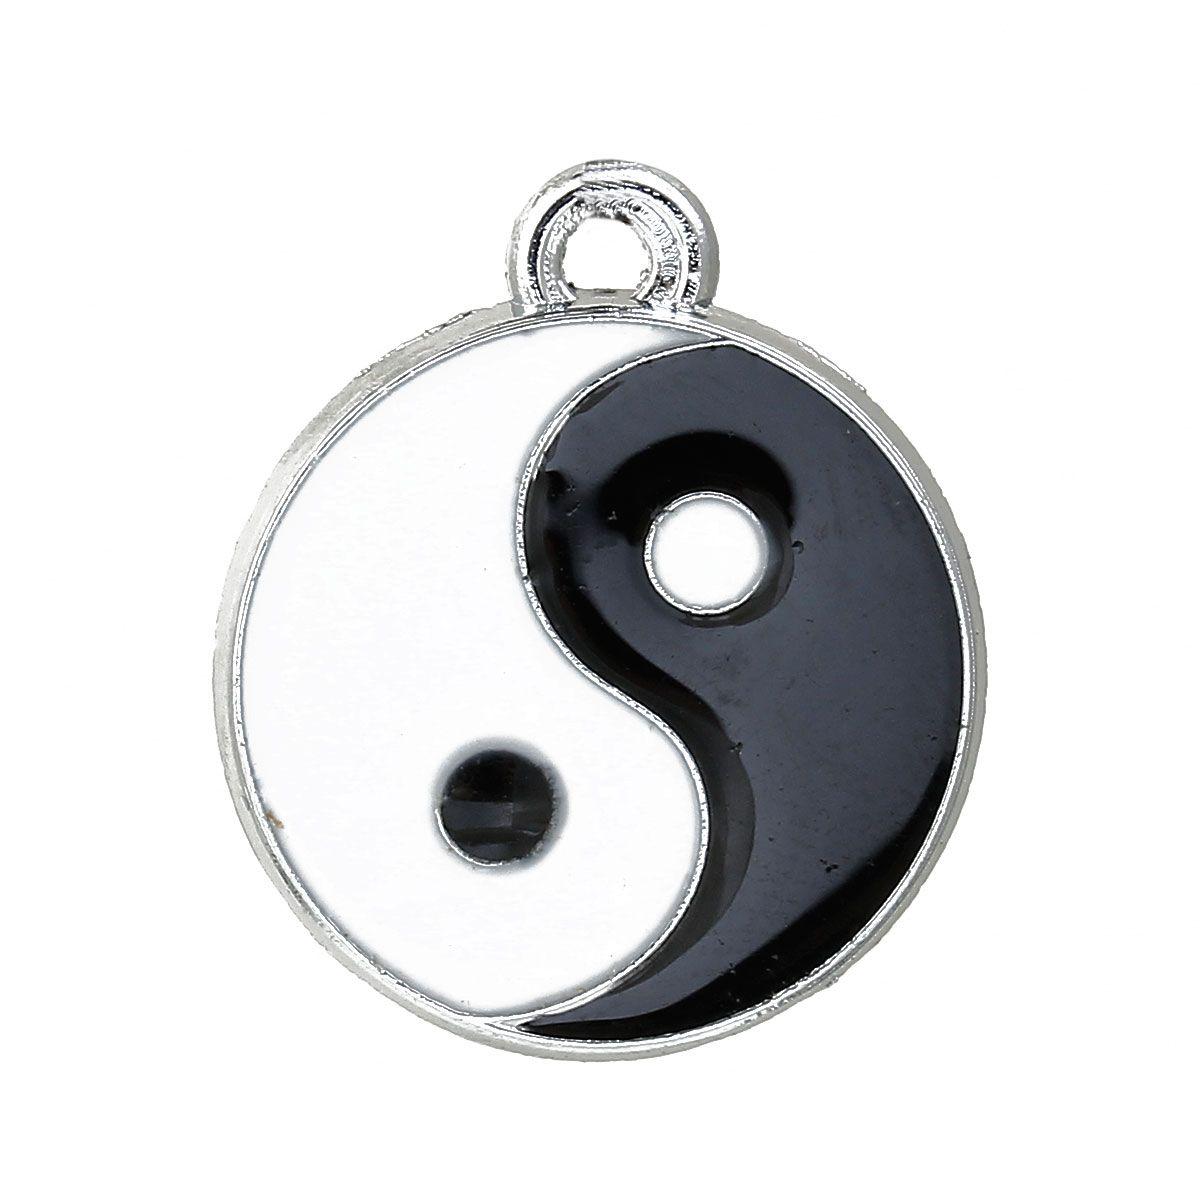 Anhänger rund, Yin Yang - 10 Stk. - silber